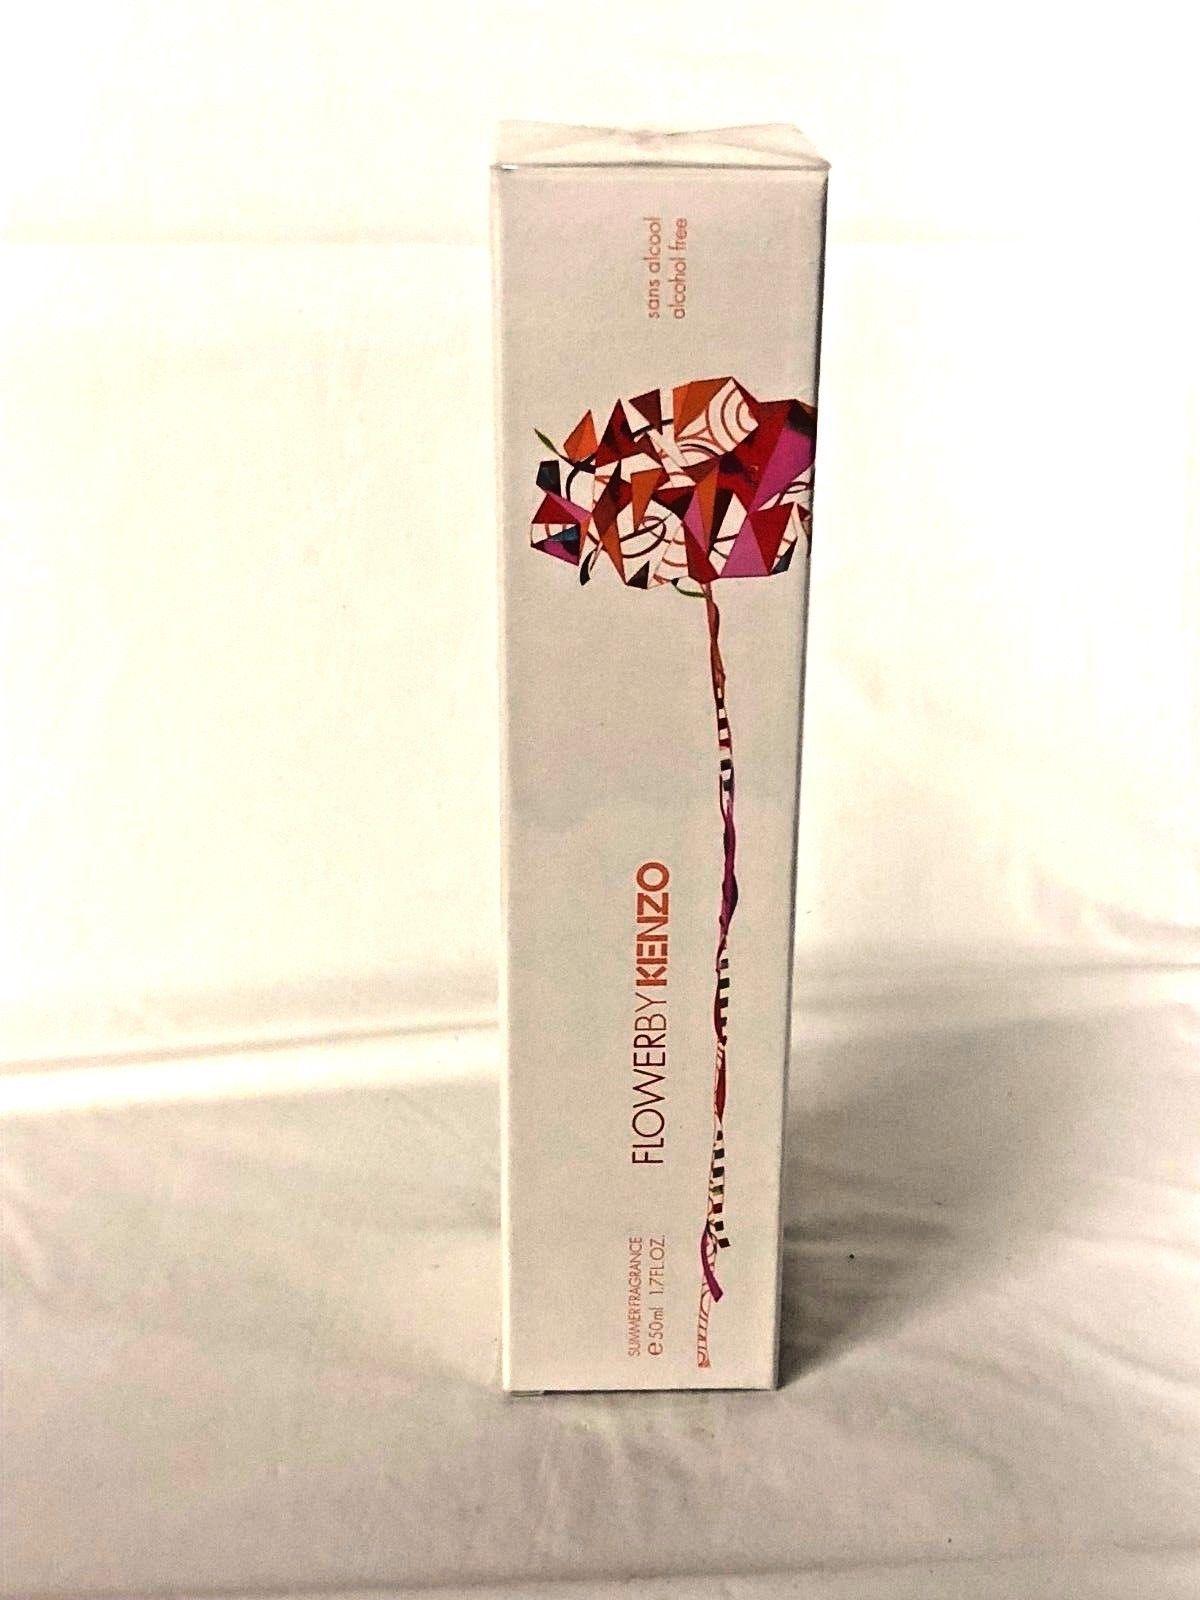 cb73161c 17.90 | Flower by Kenzo Summer by Kenzo Women EDT 1.7 oz 50ml Spray New